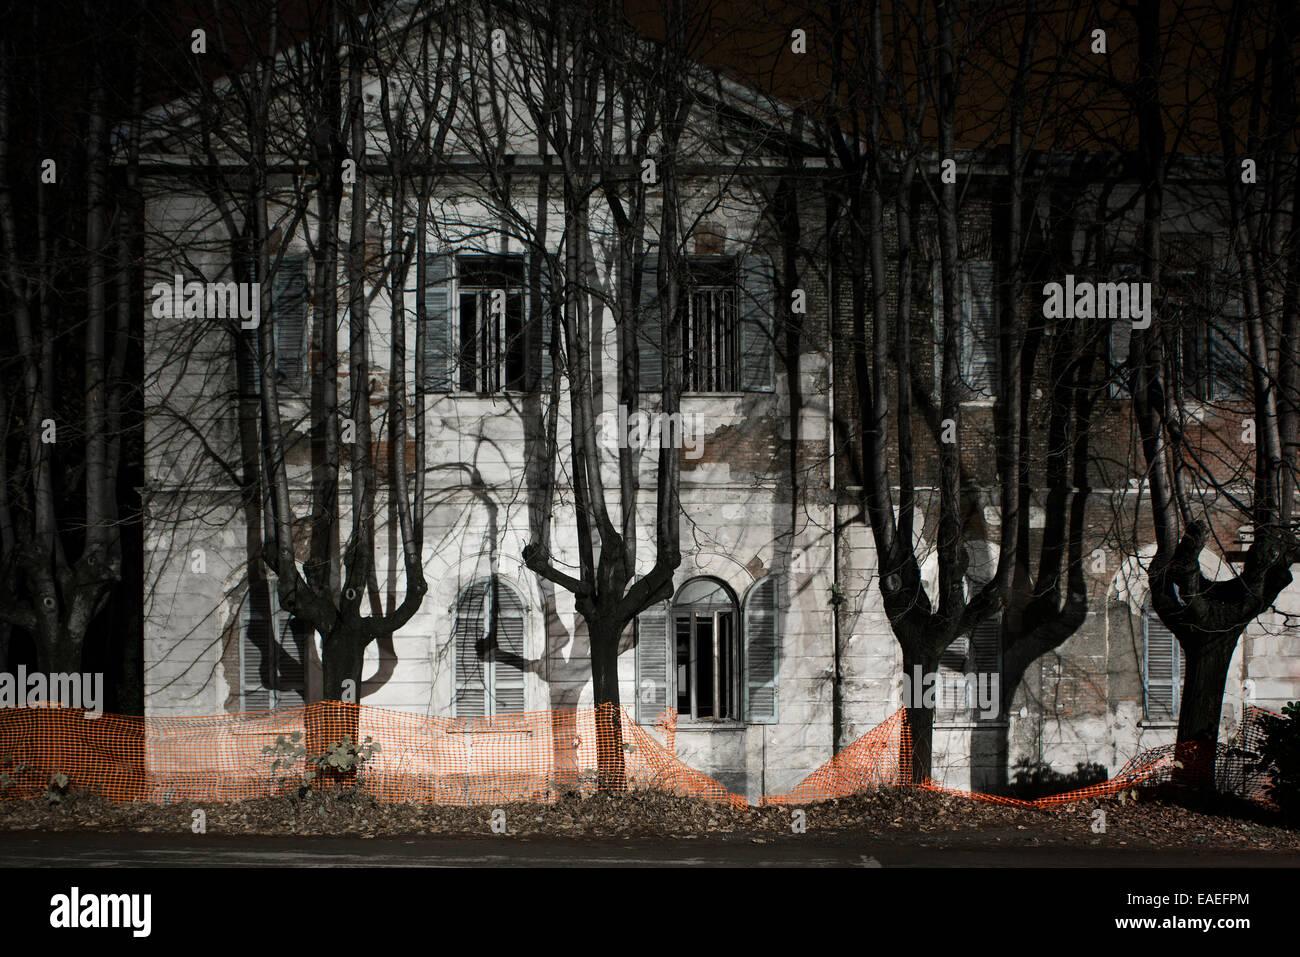 Mombello verlassenen Nervenklinik Gebäude Stockbild